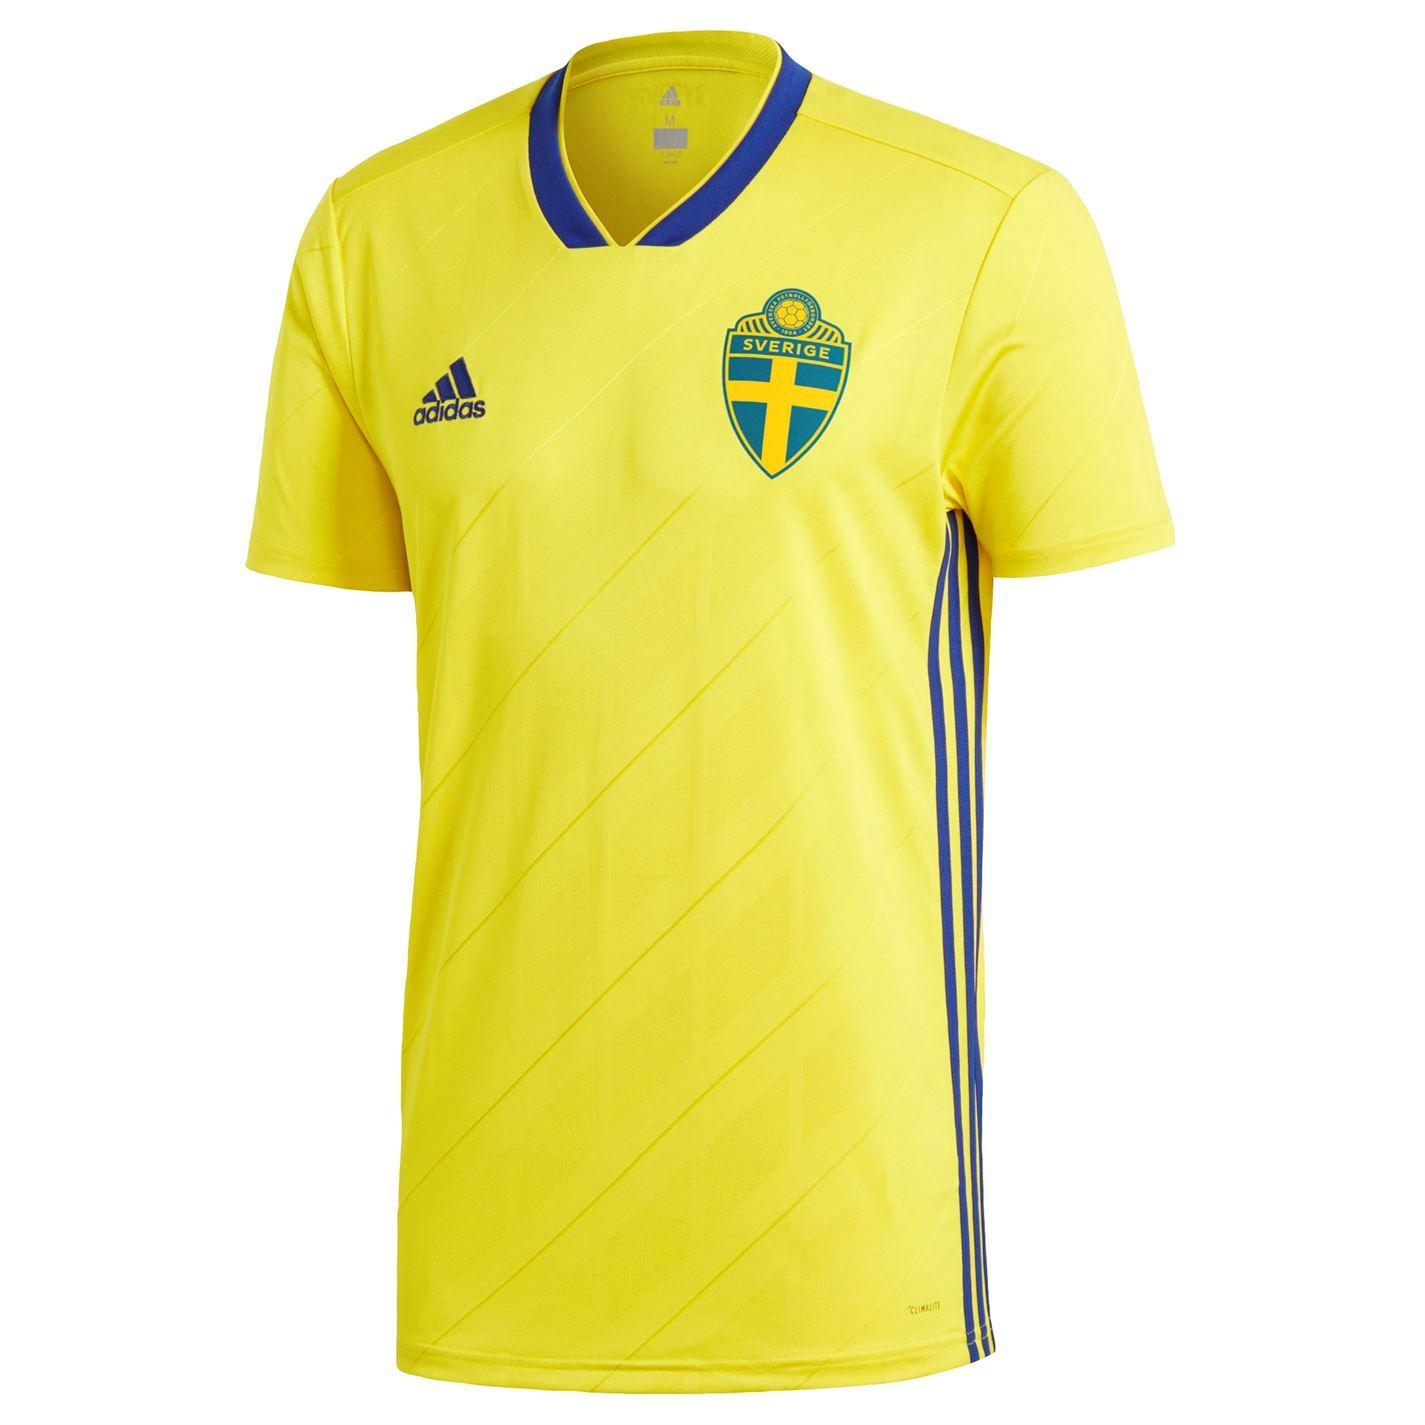 ... adidas Sweden Home Jersey 2018 Juniors Yellow Football Soccer Top Shirt  Strip ... ac3981d76